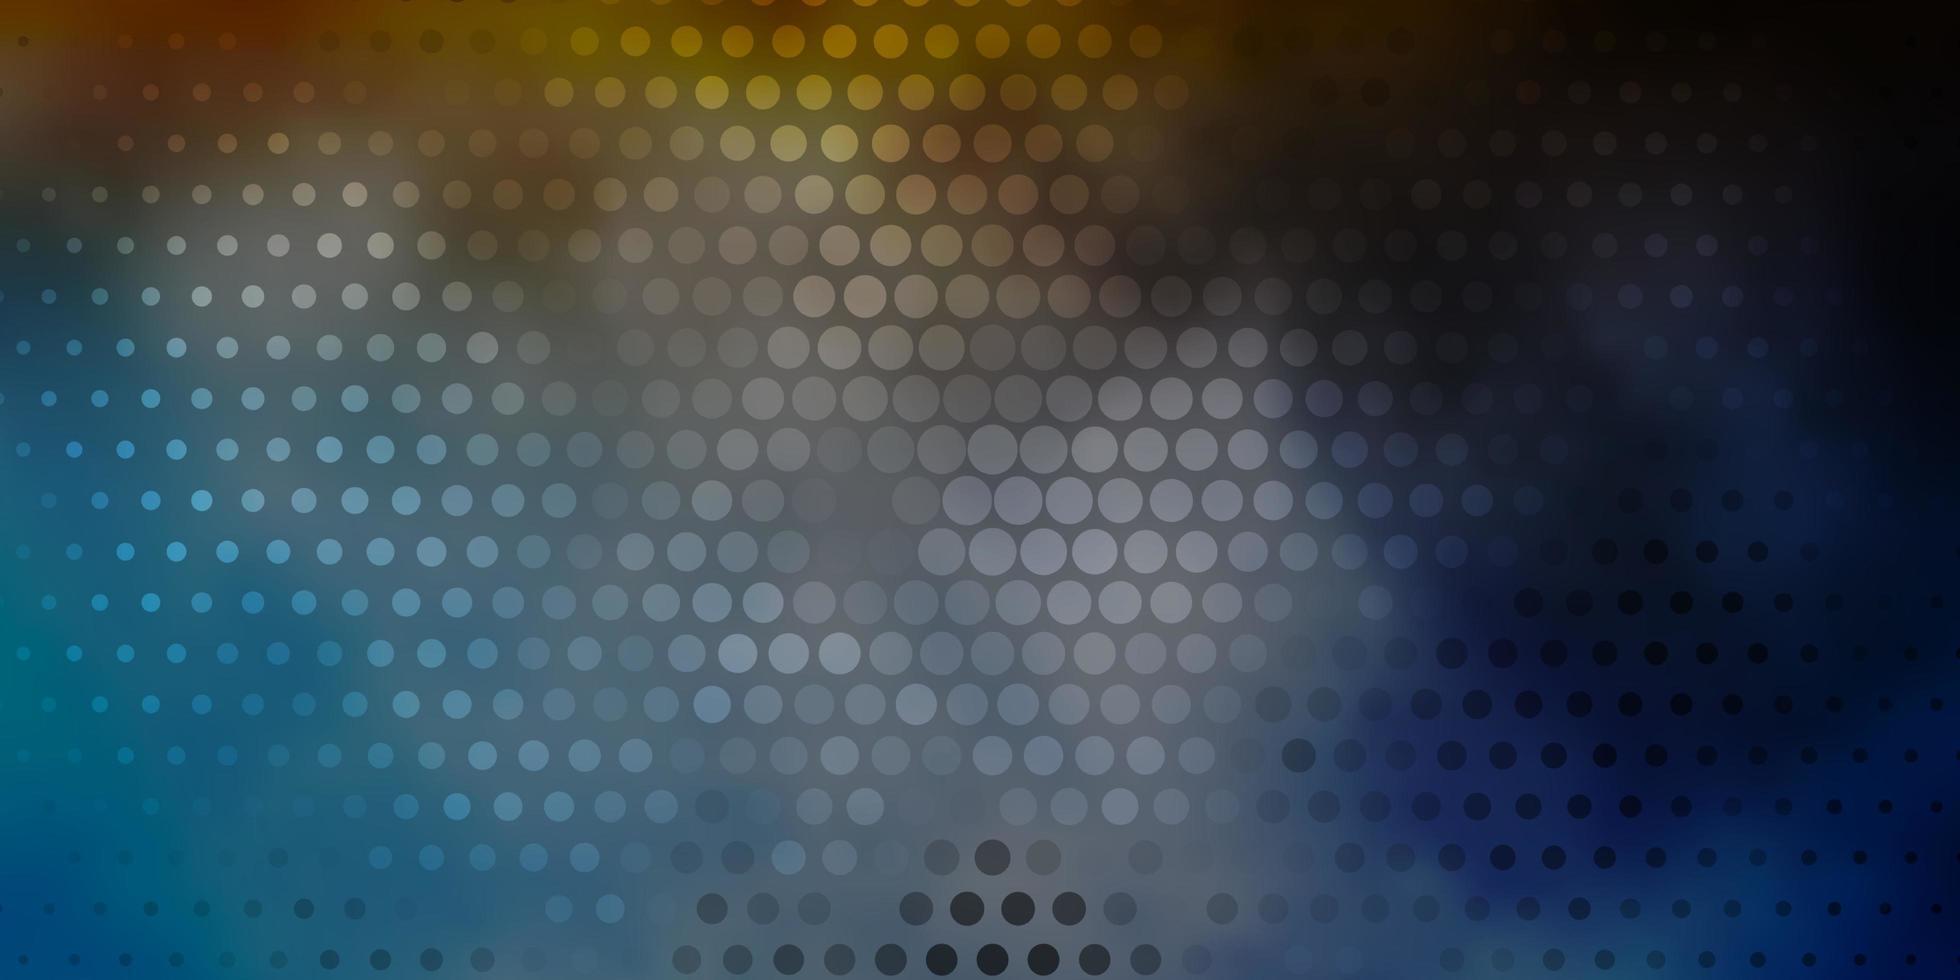 dunkelblauer, gelber Hintergrund mit Kreisen. vektor